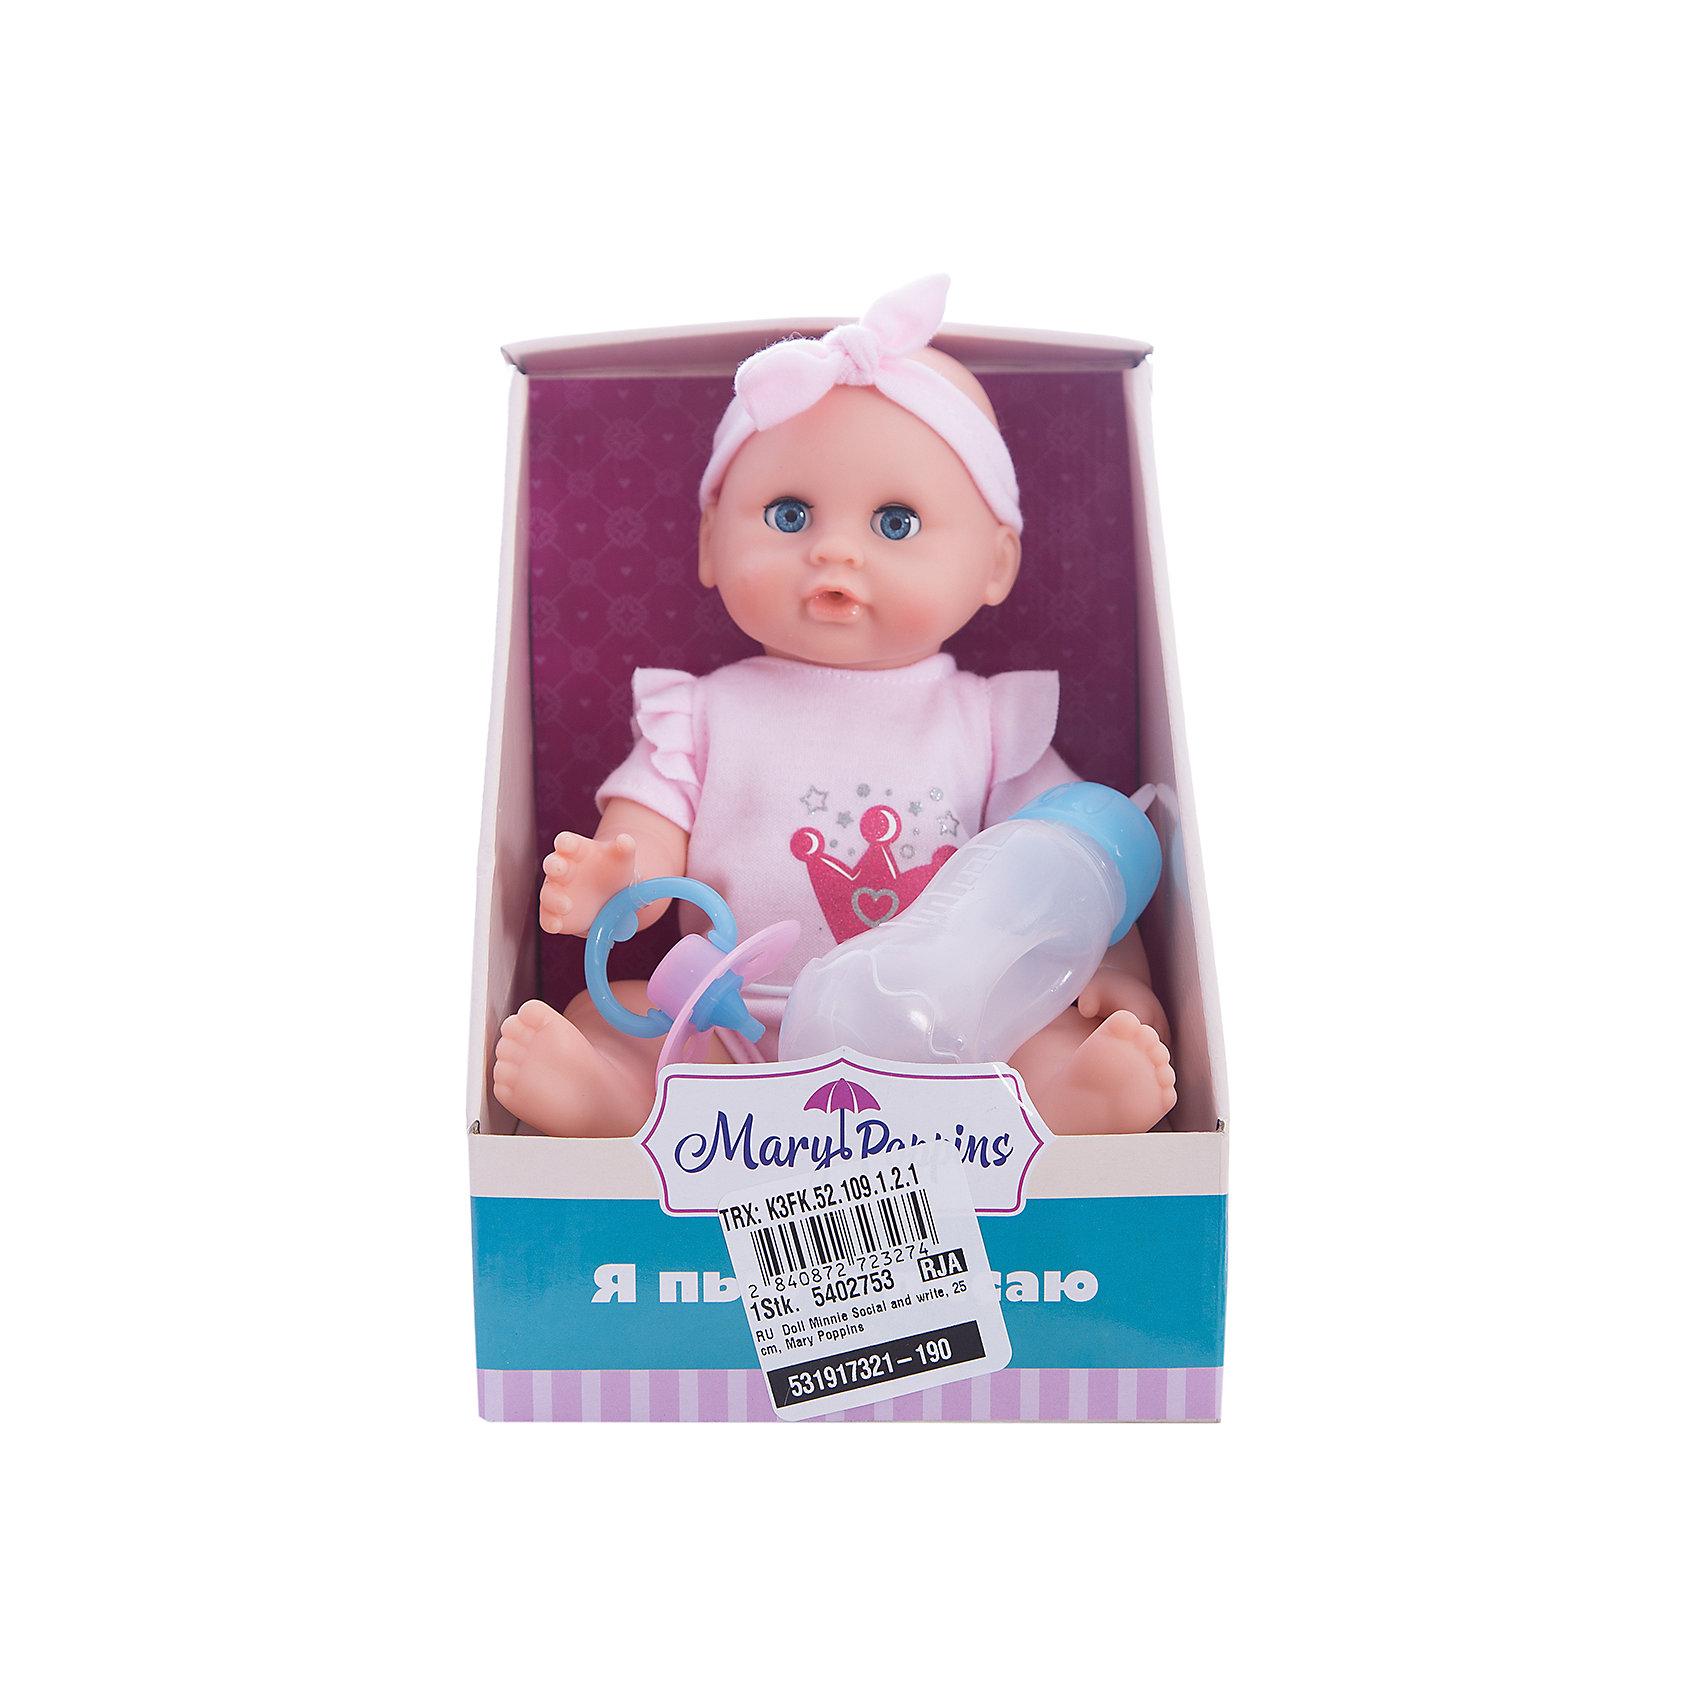 Кукла Минни Пью и писаю, 25 см, Mary PoppinsКуклы-пупсы<br>Кукла Минни Пью и писаю, 25 см, Mary Poppins.<br><br>Характеристики:<br><br>• Комплектация: кукла, горшок, бутылочка, подгузник<br>• Высота куклы: 25 см.<br>• Материал: ПВХ, пластик, текстиль<br>• Упаковка: картонная коробка открытого типа<br>• Размер упаковки: 15х16х21 см.<br><br>Кукла Минни торговой марки Mary Poppins с функцией Пью и писаю отлично подойдет для сюжетно-ролевых игр в «дочки-матери». В комплекте с куклой поставляется горшок, бутылочка и настоящий подгузник. Можно напоить куколку из бутылочки водой и посадить на горшок или надеть ей подгузник. Кукла одета в боди из эксклюзивной коллекции Корона. На голове у куклы — кокетливая розовая повязка. Минни можно купать в ванной (тельце у куклы твердое) и укладывать спать - в горизонтальном положении ее глаза закрываются.<br><br>Куклу Минни Пью и писаю, 25 см, Mary Poppins можно купить в нашем интернет-магазине.<br><br>Ширина мм: 150<br>Глубина мм: 160<br>Высота мм: 205<br>Вес г: 313<br>Возраст от месяцев: 24<br>Возраст до месяцев: 2147483647<br>Пол: Женский<br>Возраст: Детский<br>SKU: 5402753